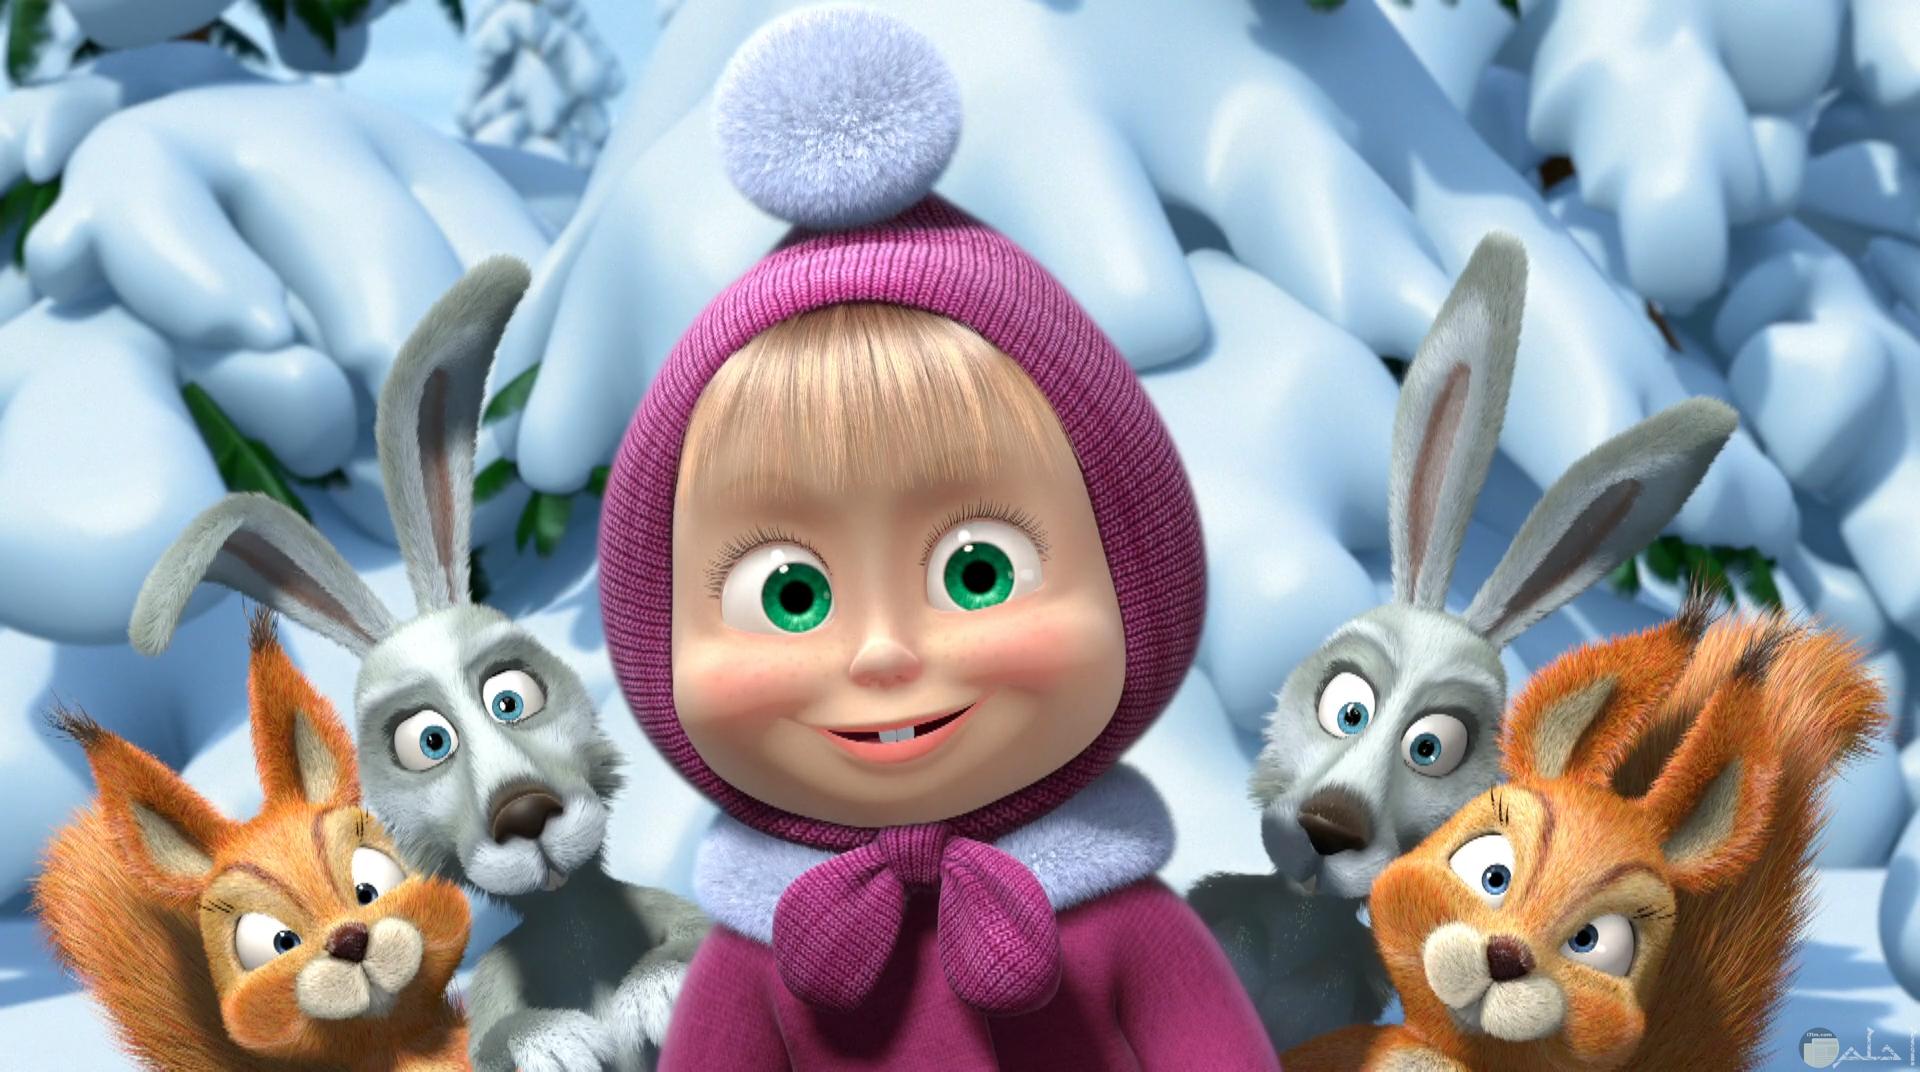 صورة لماشا مع باقي الحيوانات في فصل الشتاء في الثلوج